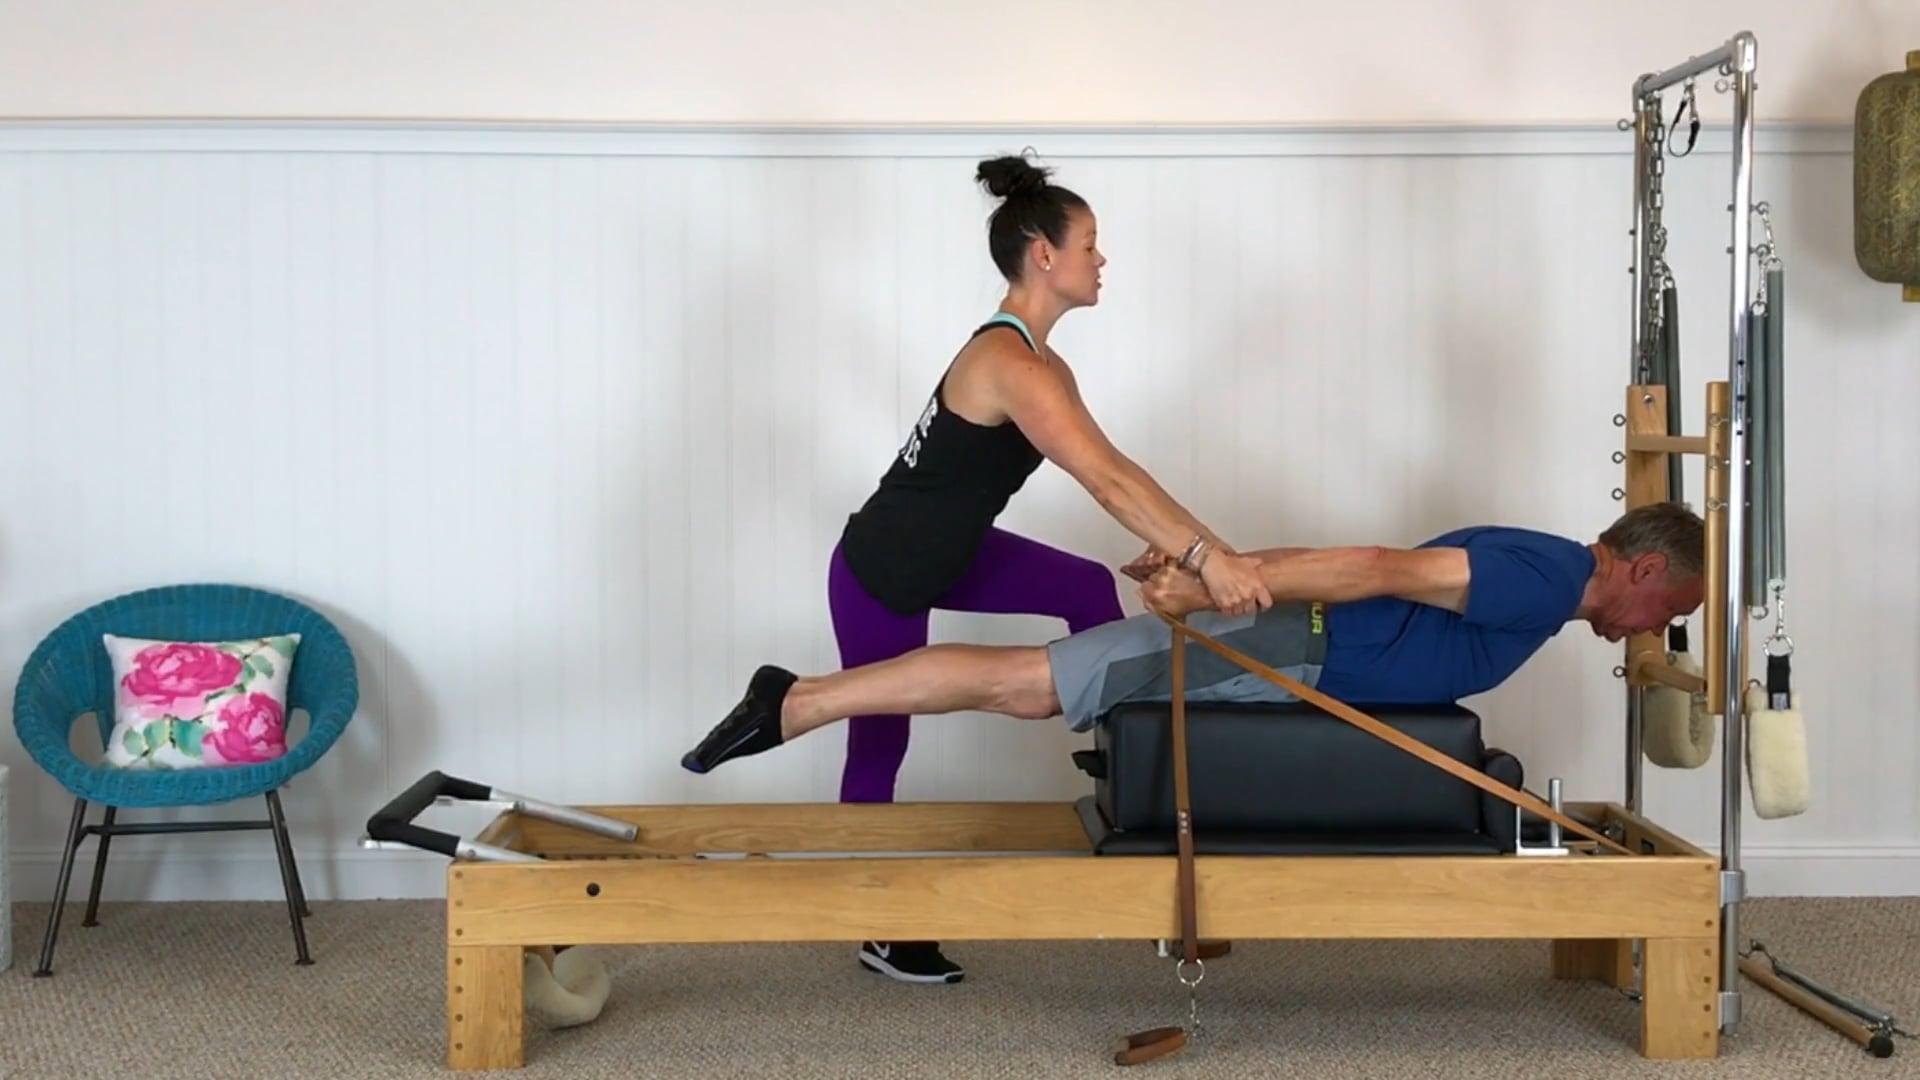 Reformer Workout For Men (32 mins)